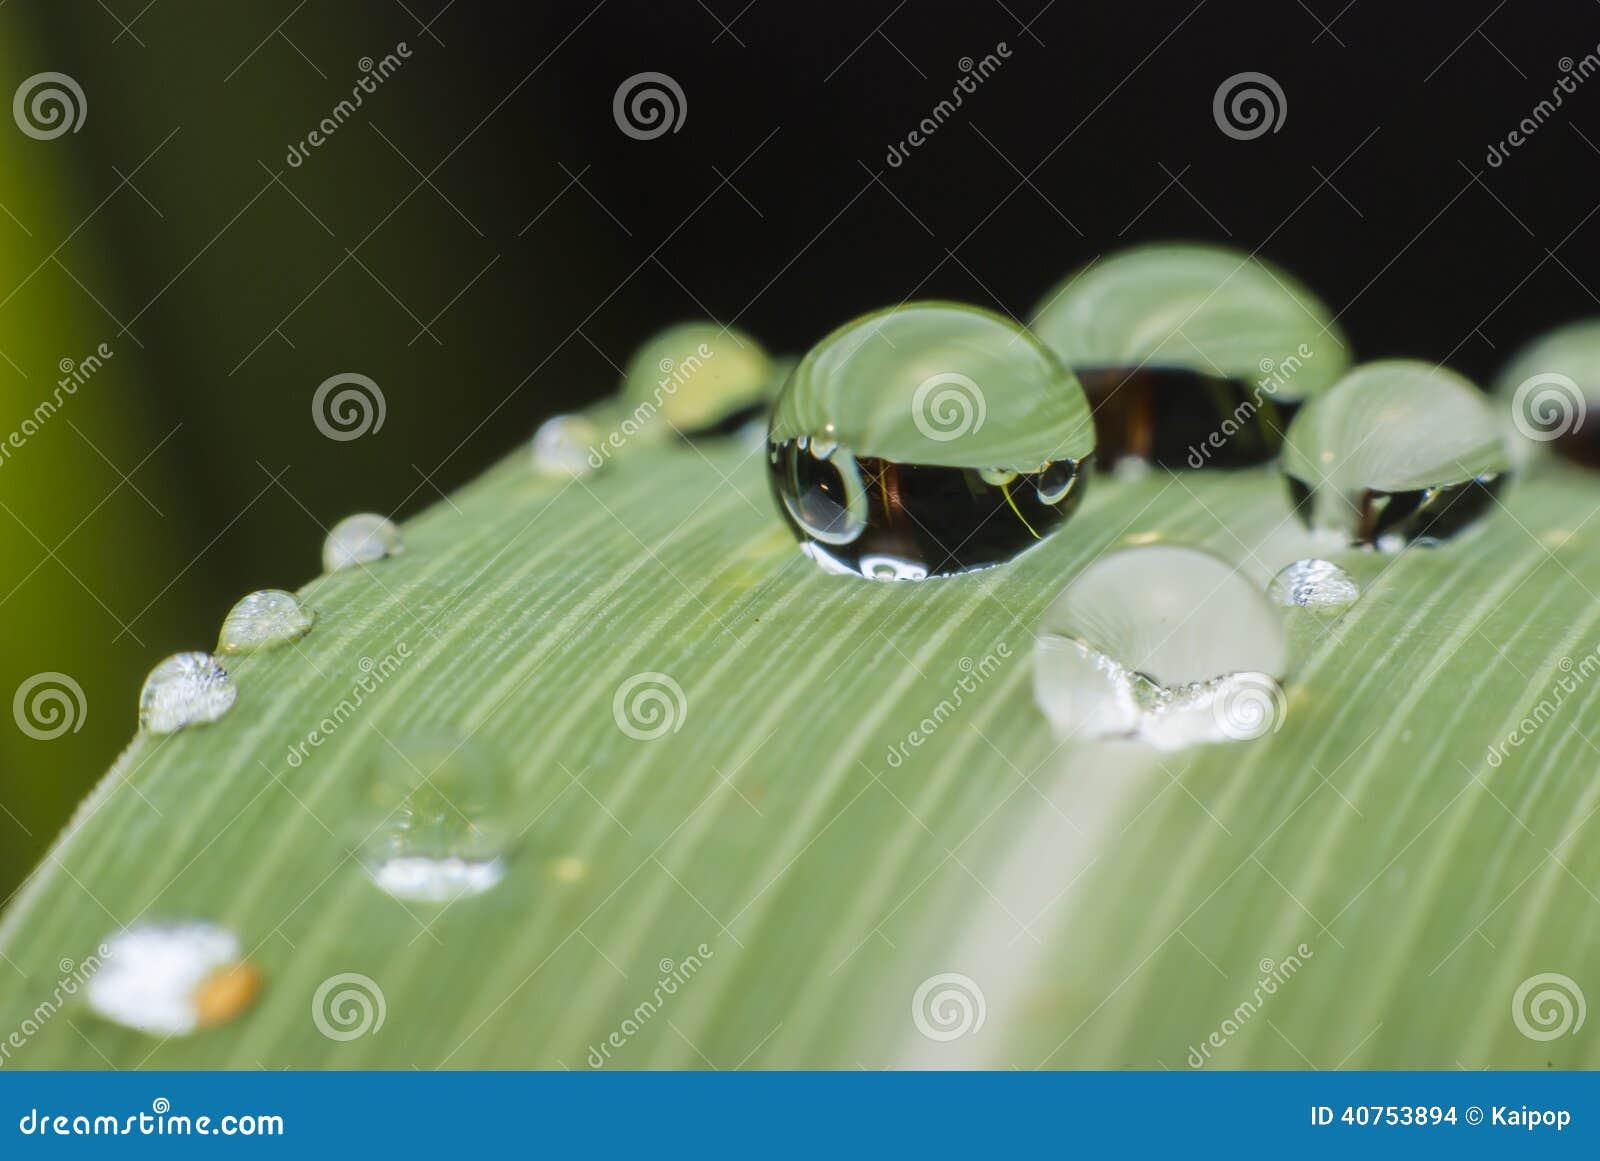 Beautiful water drop on green leaf macro .